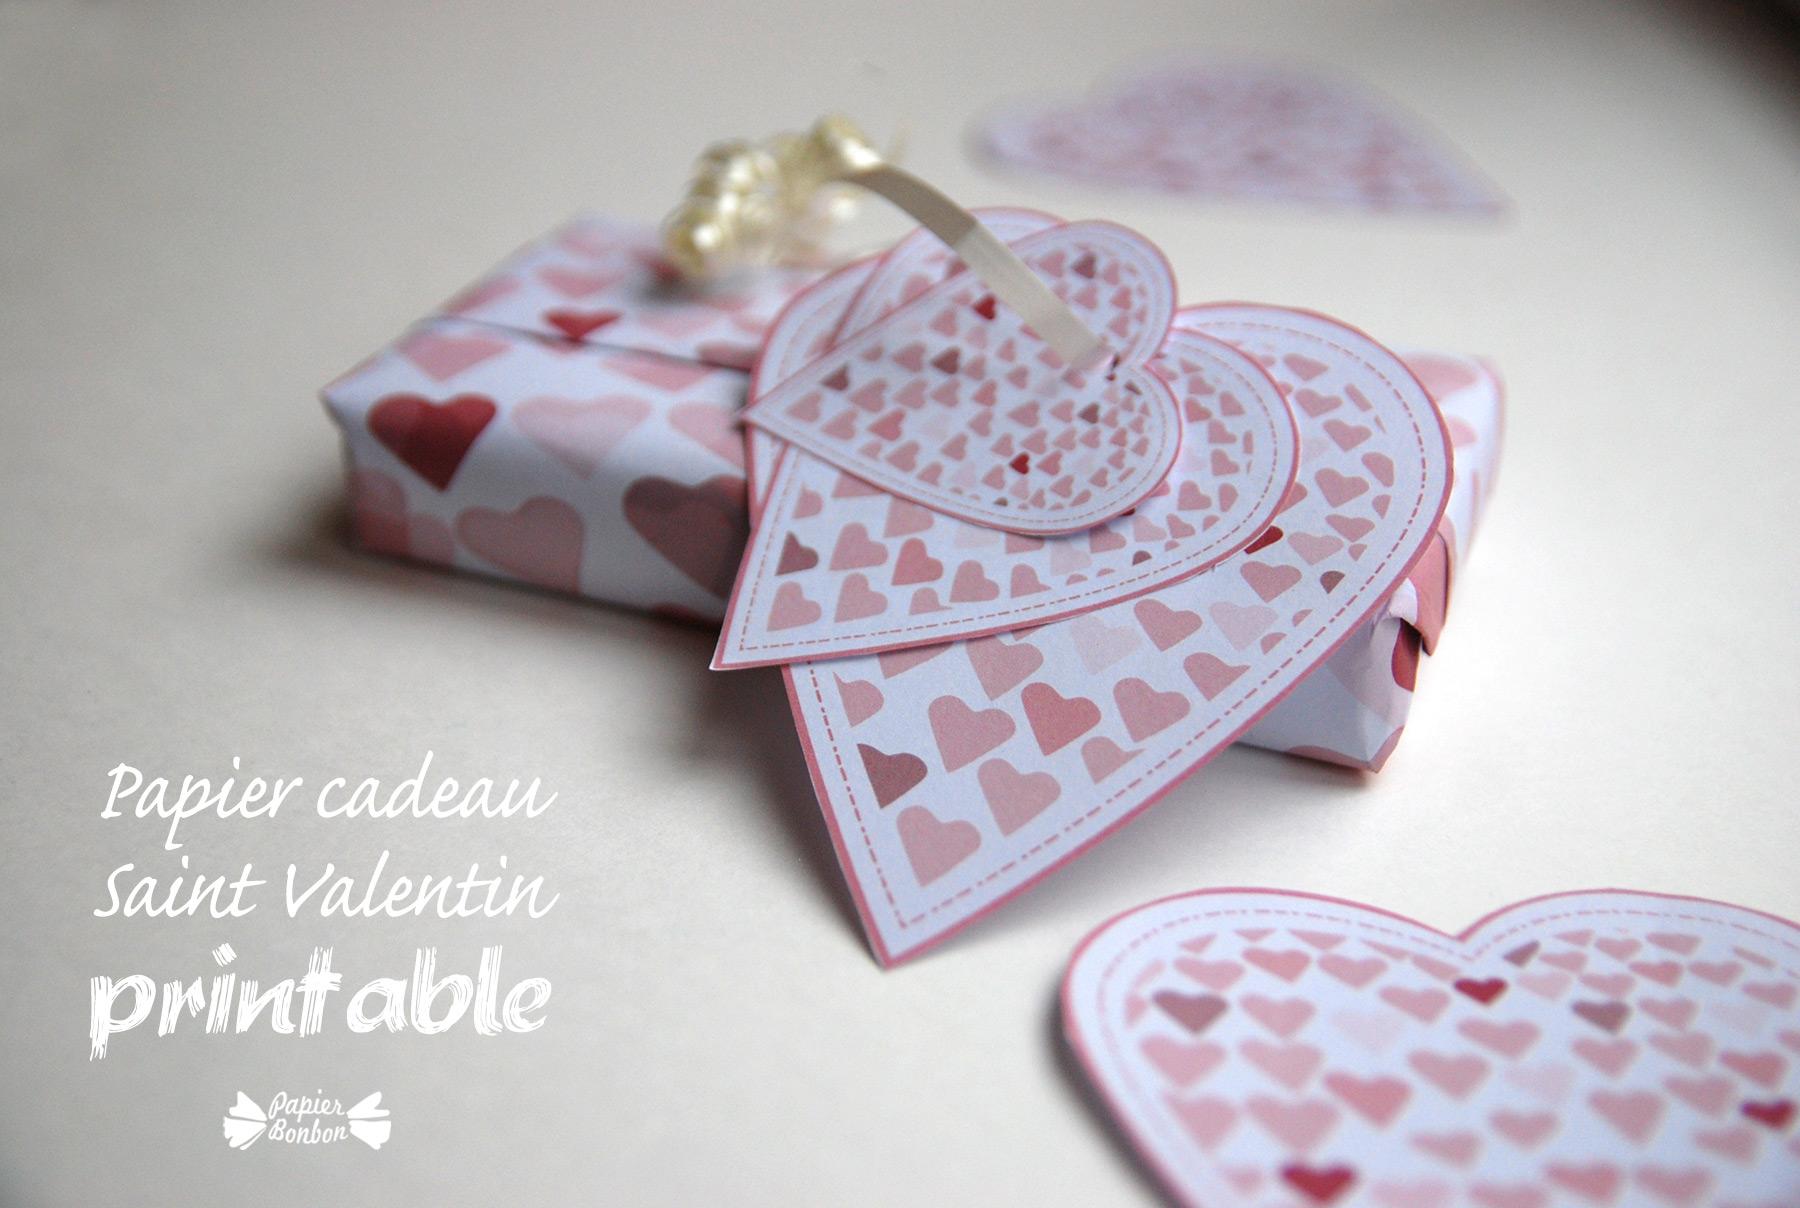 Printable saint valentin papier cadeau tiquettes - Cadeau derniere minute saint valentin ...